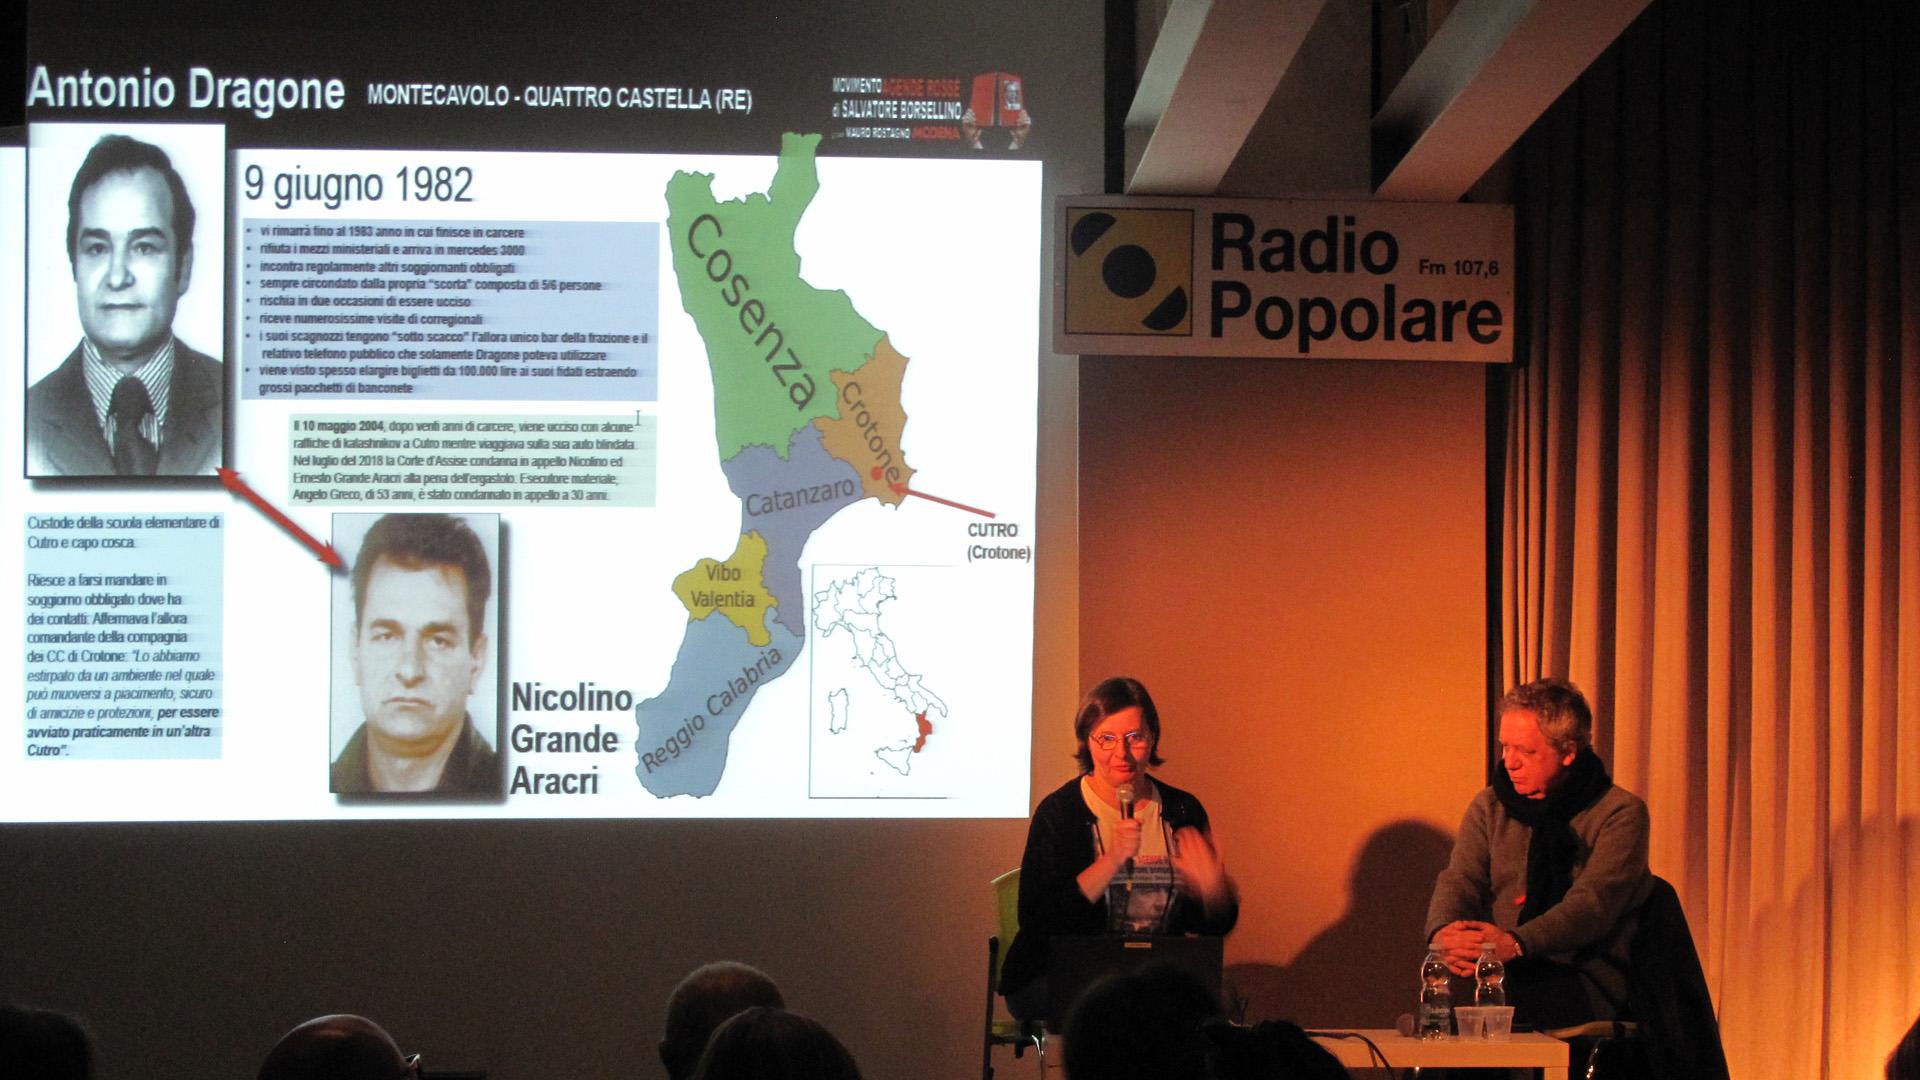 Le lezioni di antimafia di Radio Popolare, 22-1-20: